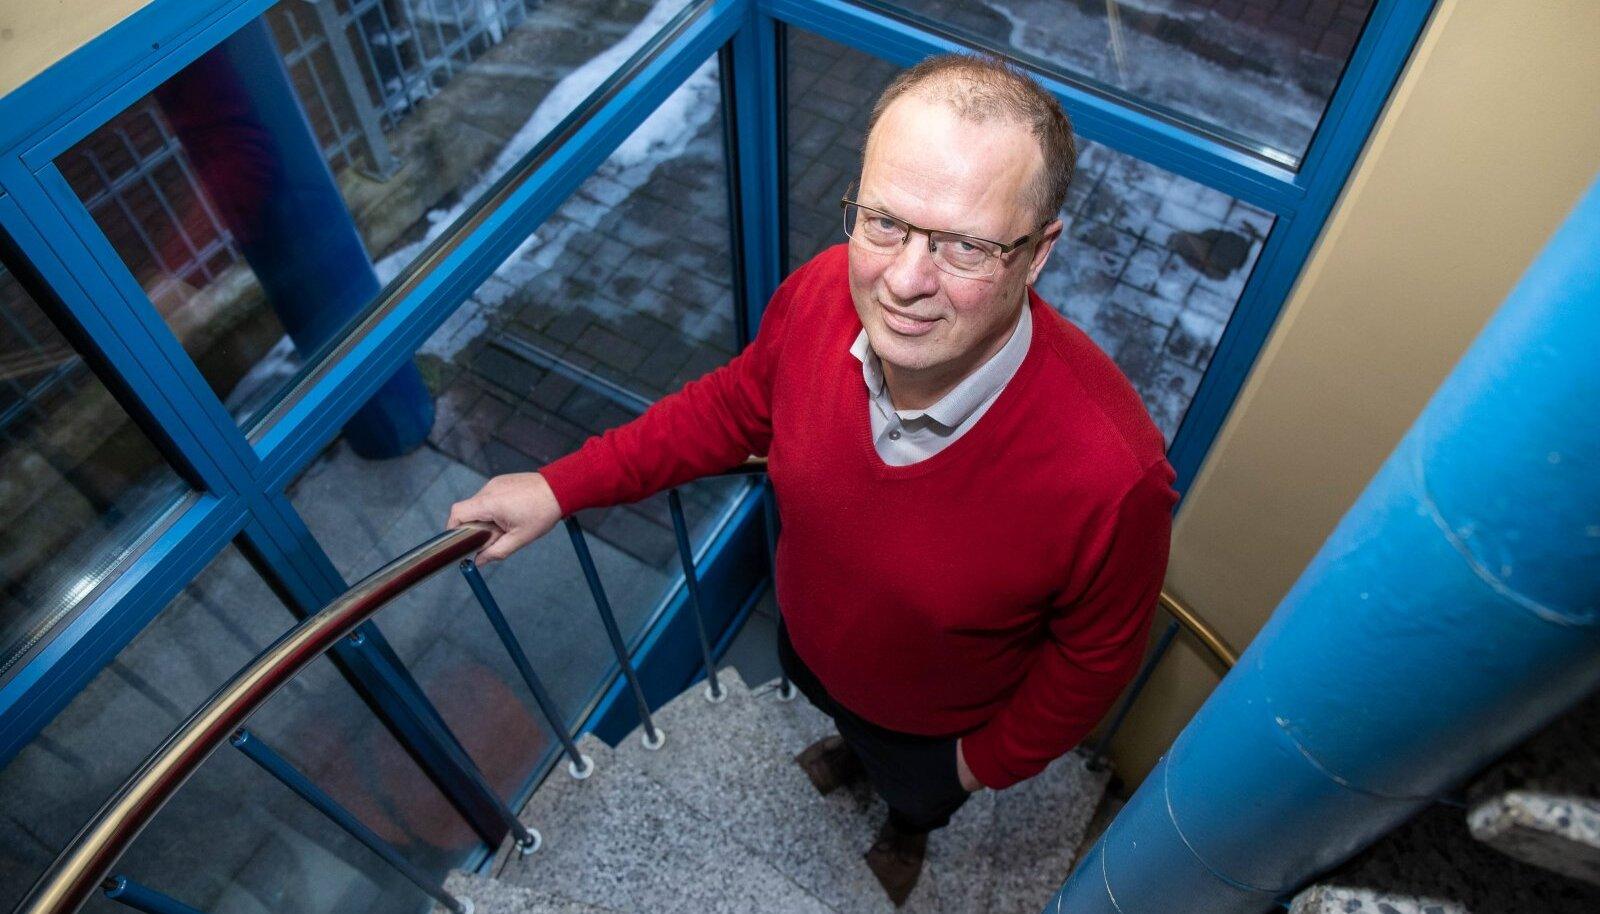 Tartu Ülikooli rakubioloogia professor ja Euroopa Ravimiameti uudsete ravimite komitee liige Toivo Maimets märgib, et mRNA vaktsiinid on teaduslikus mõttes suur läbimurre.